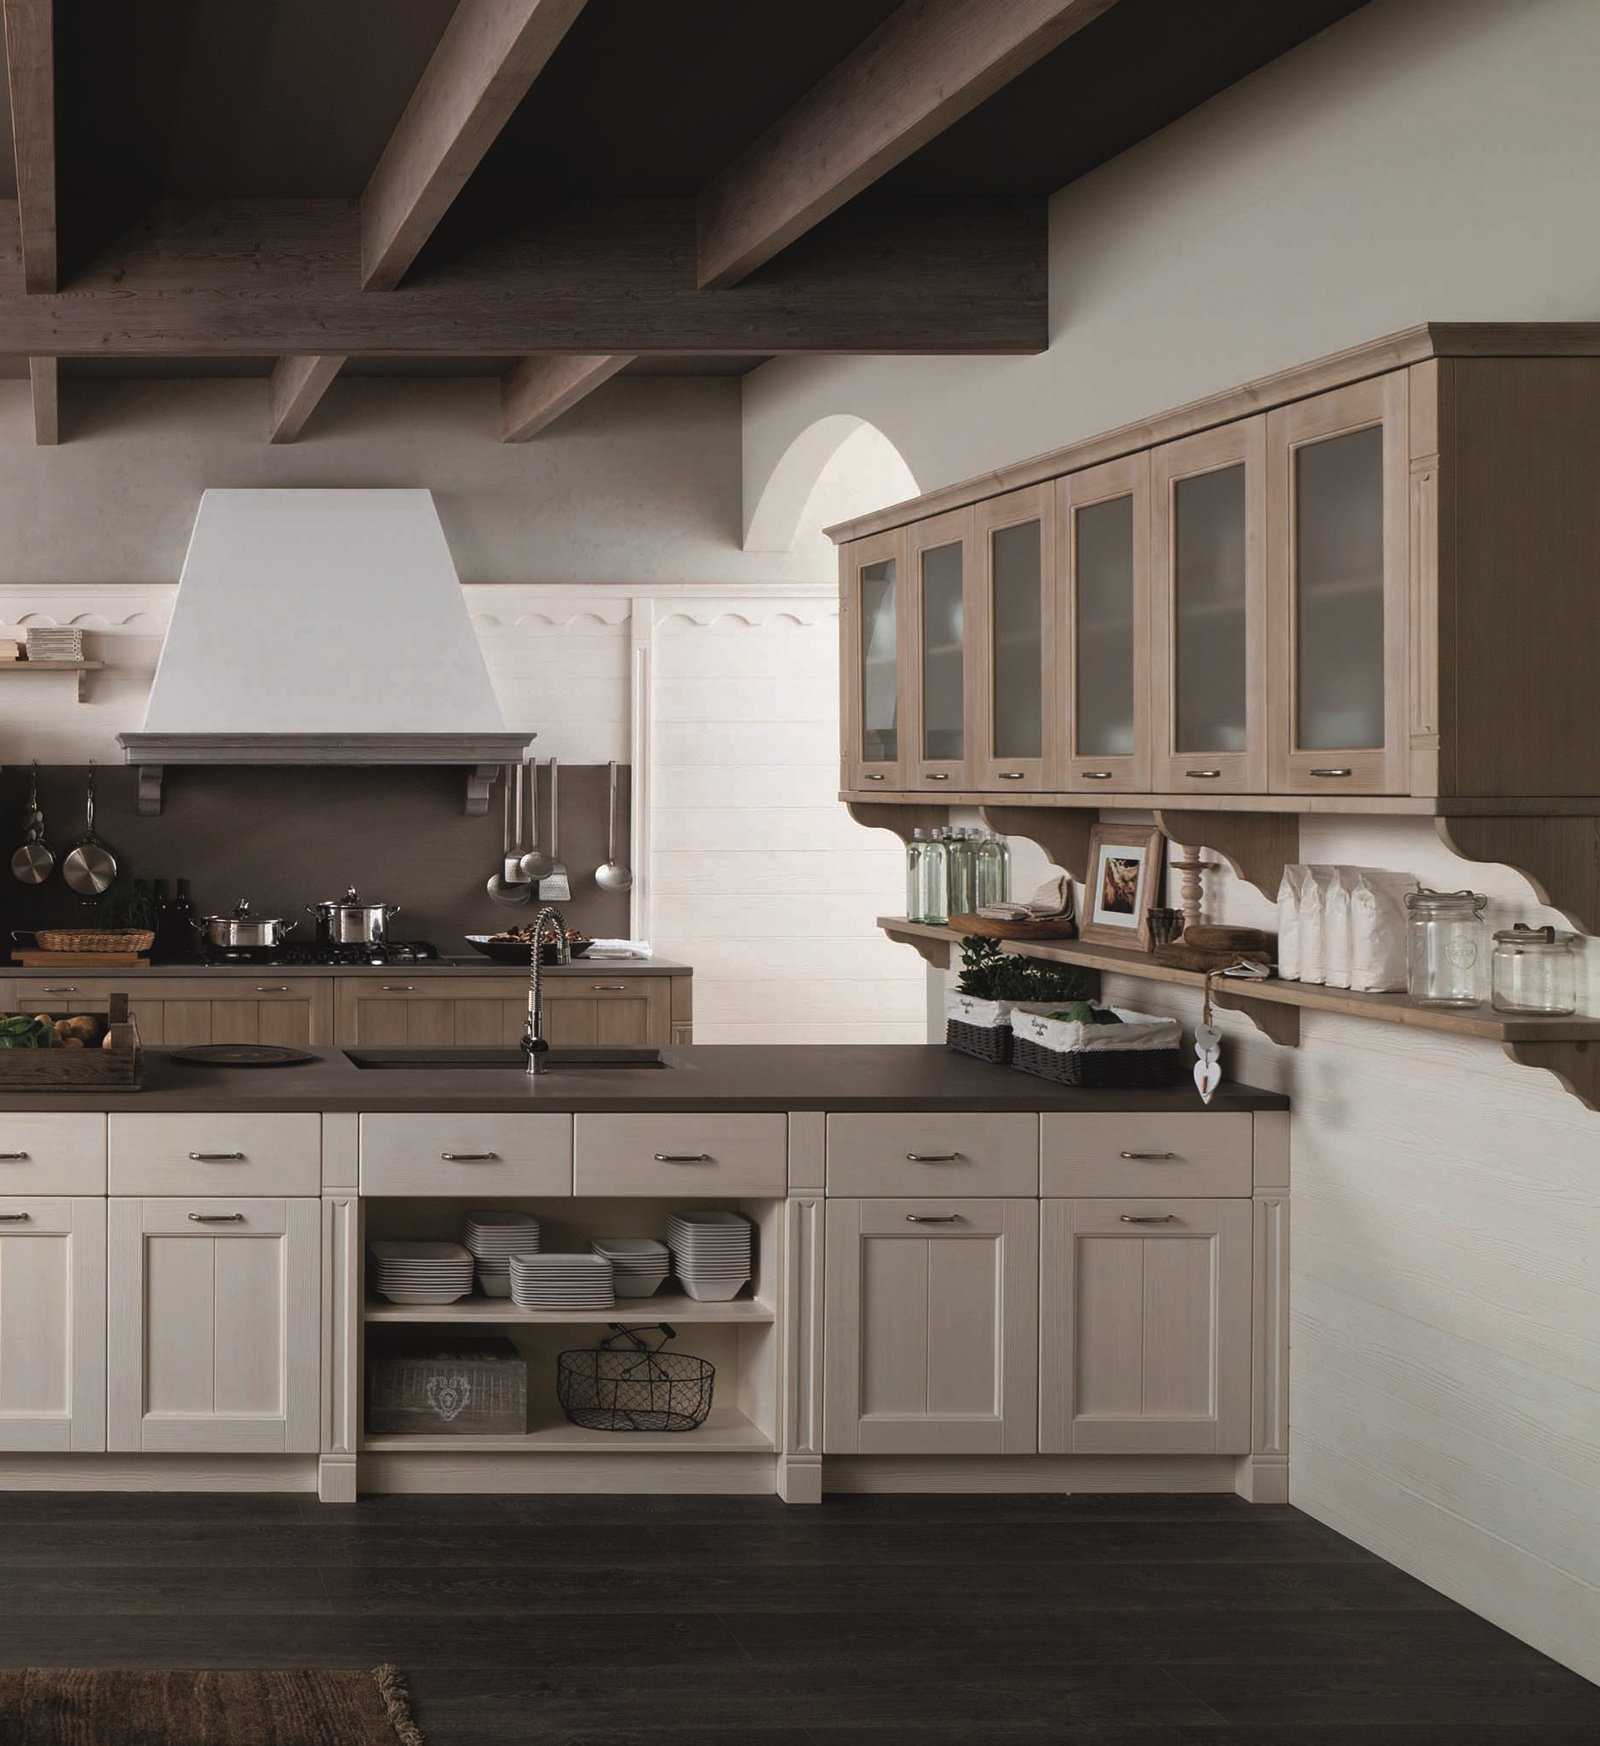 Pensili cucina pensile cucina xxh in legno with pensili - Pensili per cucina ...